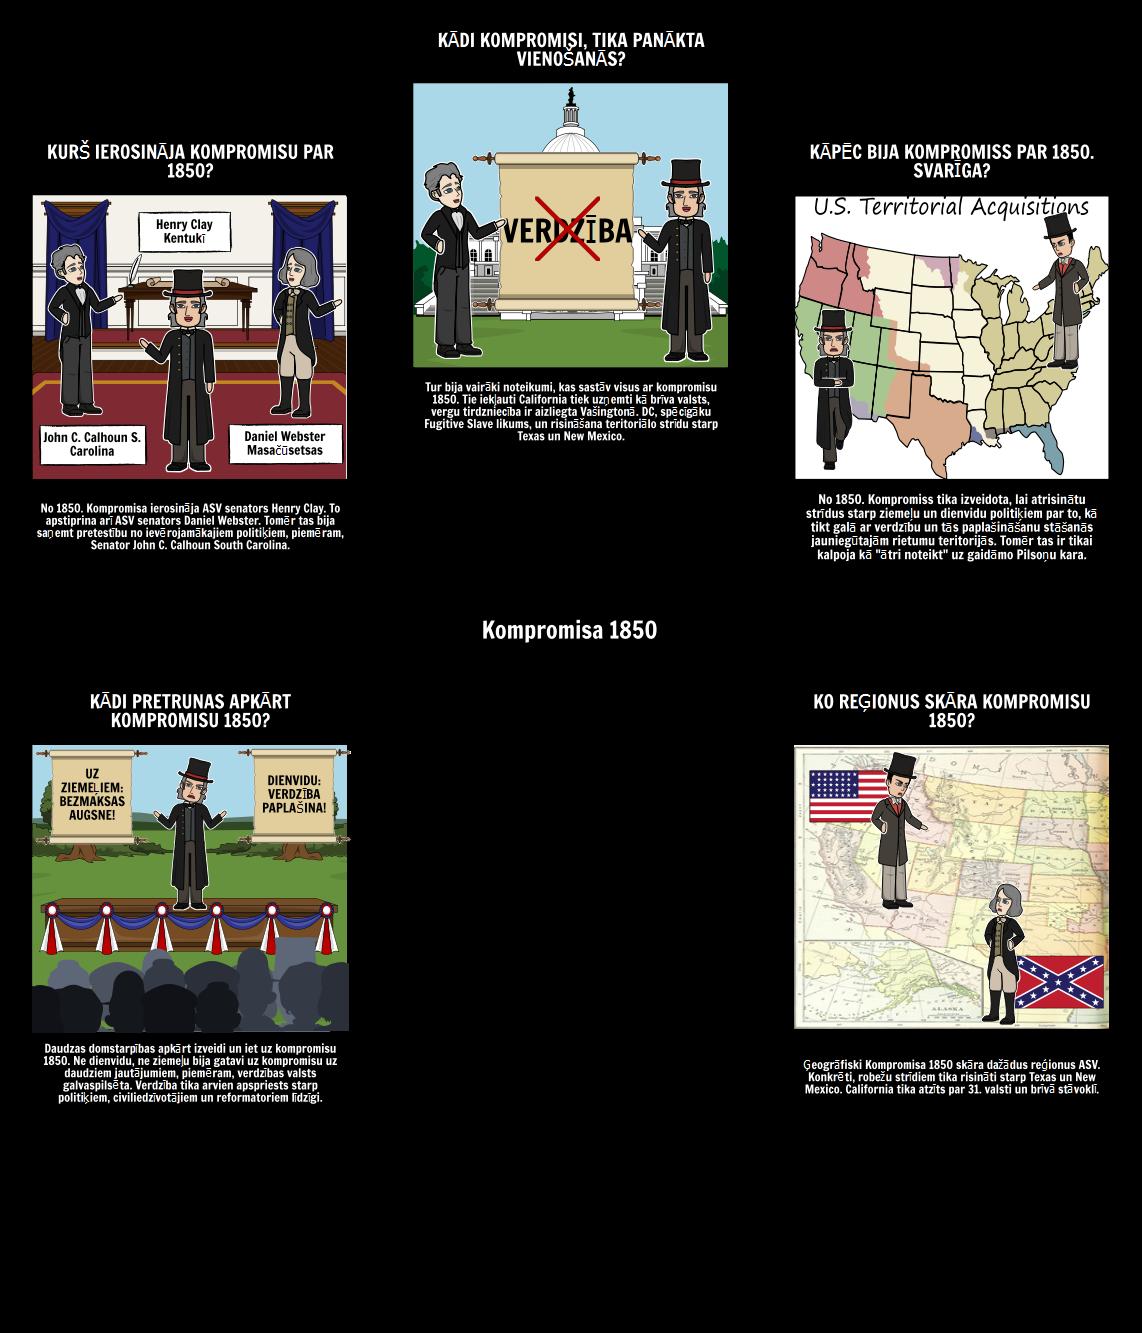 1850 Amerika - Par 1850 Kompromisa